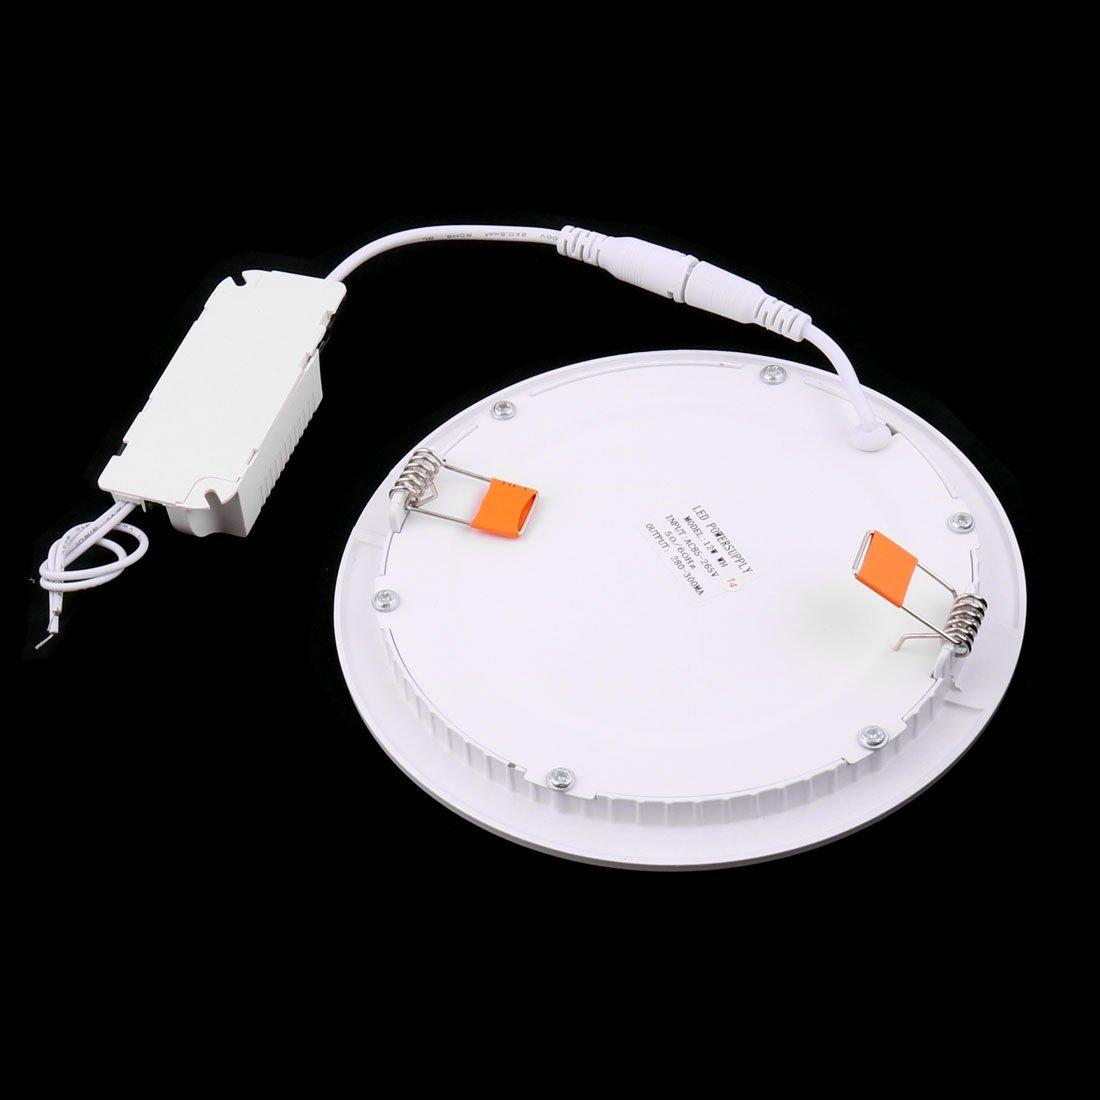 eDealMax blanca 12W Ronda Oficina regulable LED empotrada en el techo Panel de luz de la lámpara AC85-265V - - Amazon.com